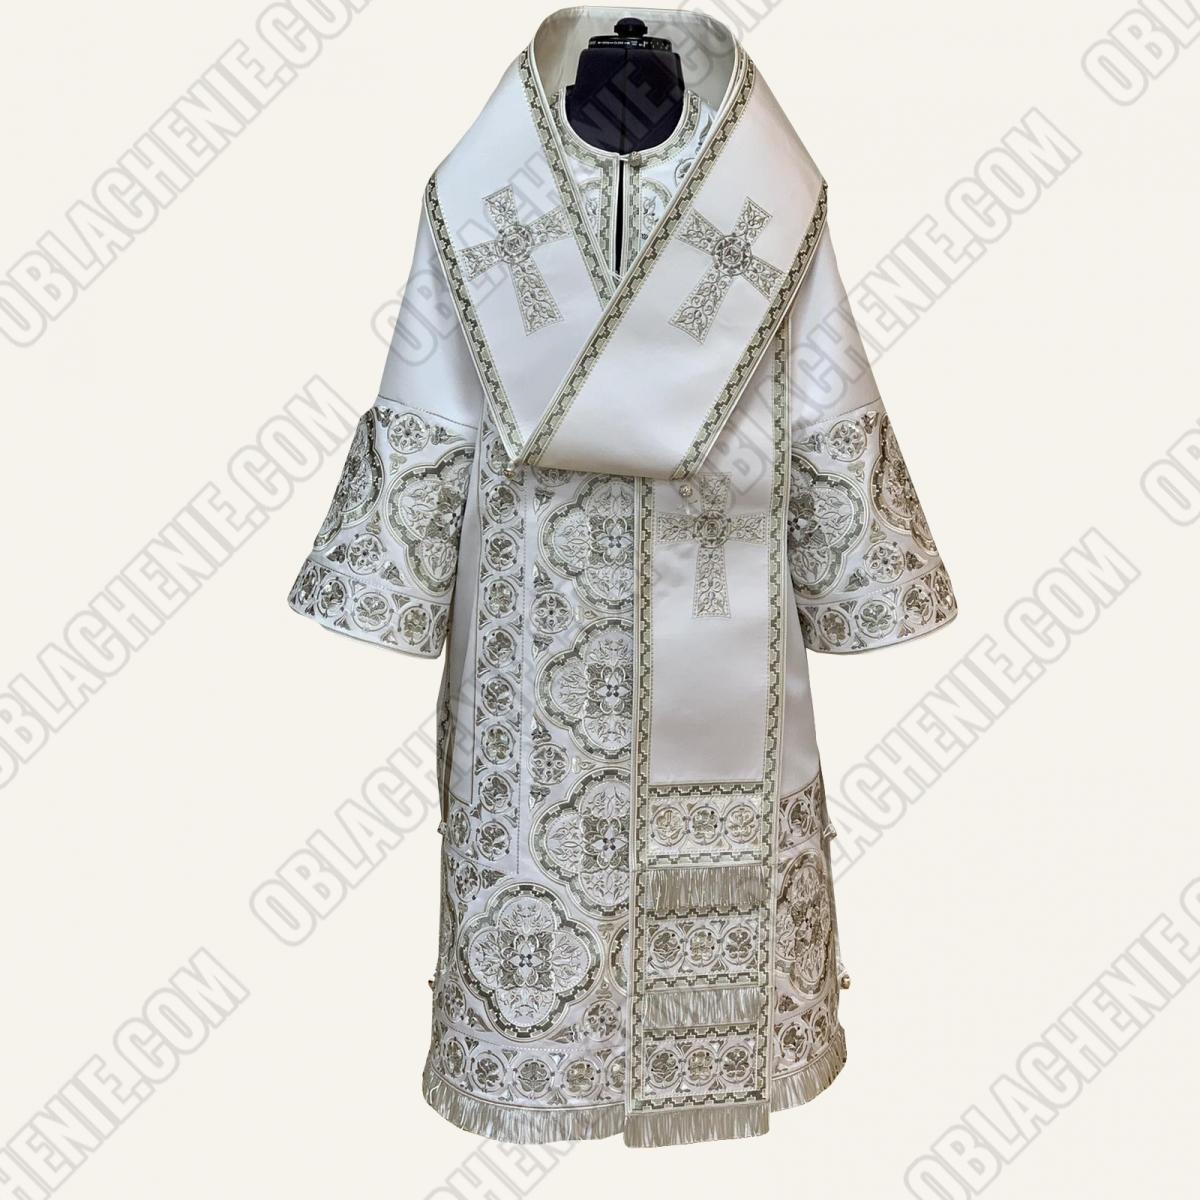 Bishop's vestments 11279